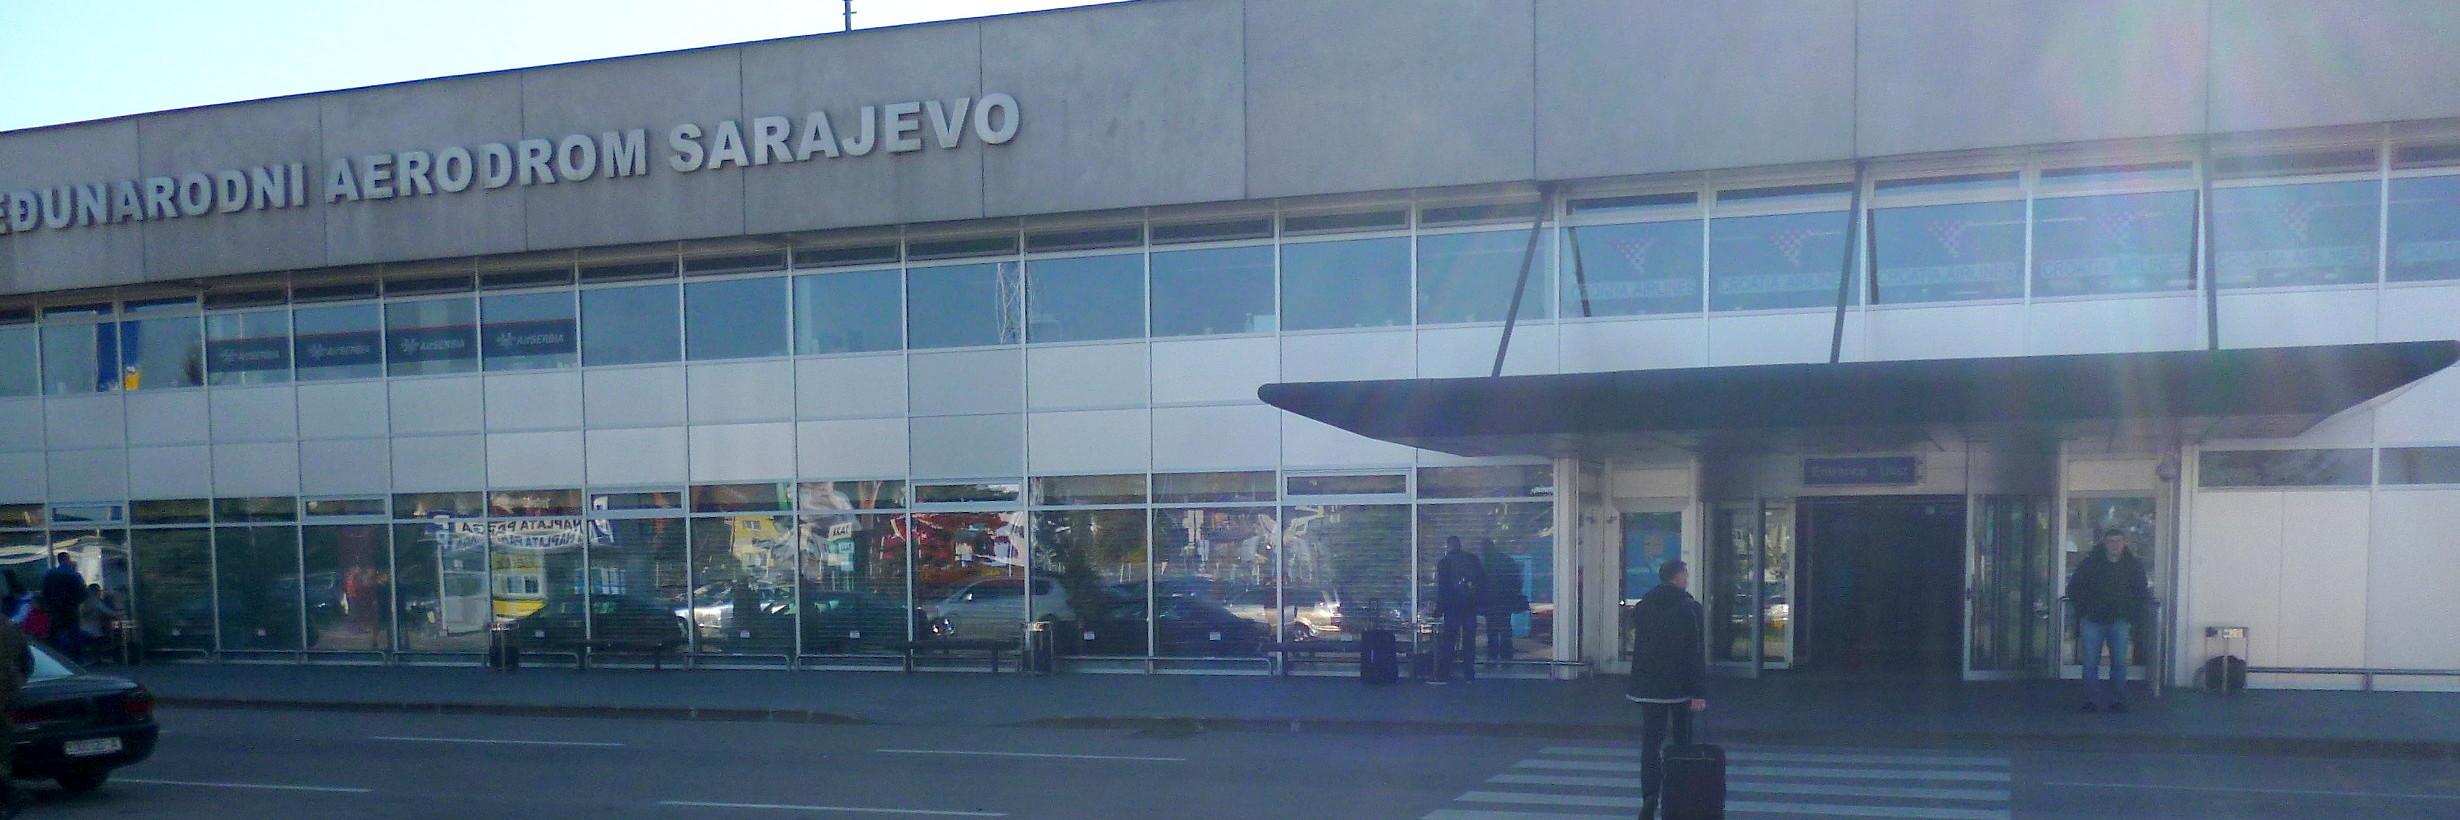 Как добраться до Боснии и Герцеговины? Фото: Елена Арсениевич, CC BY-SA 3.0